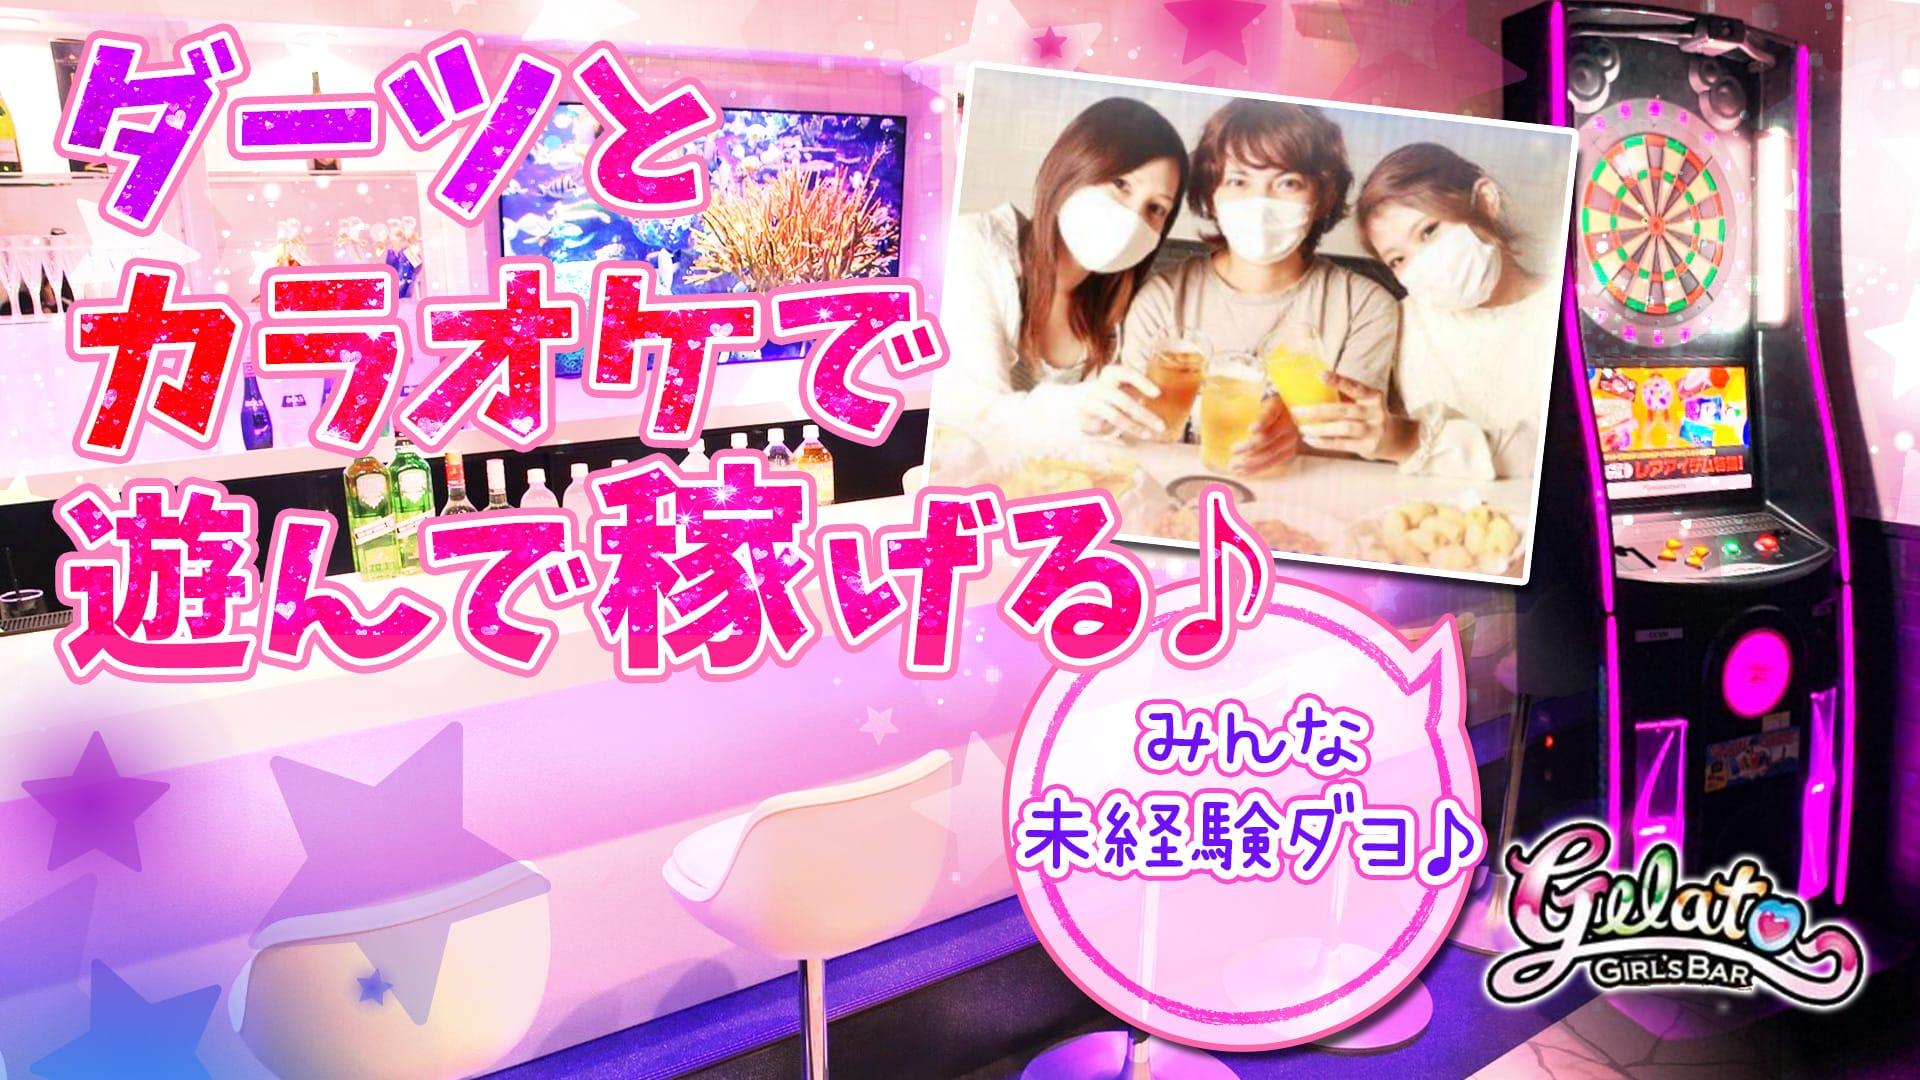 【昼・夜】カフェ&バー Gelato(ジェラート) 藤沢ガールズバー TOP画像